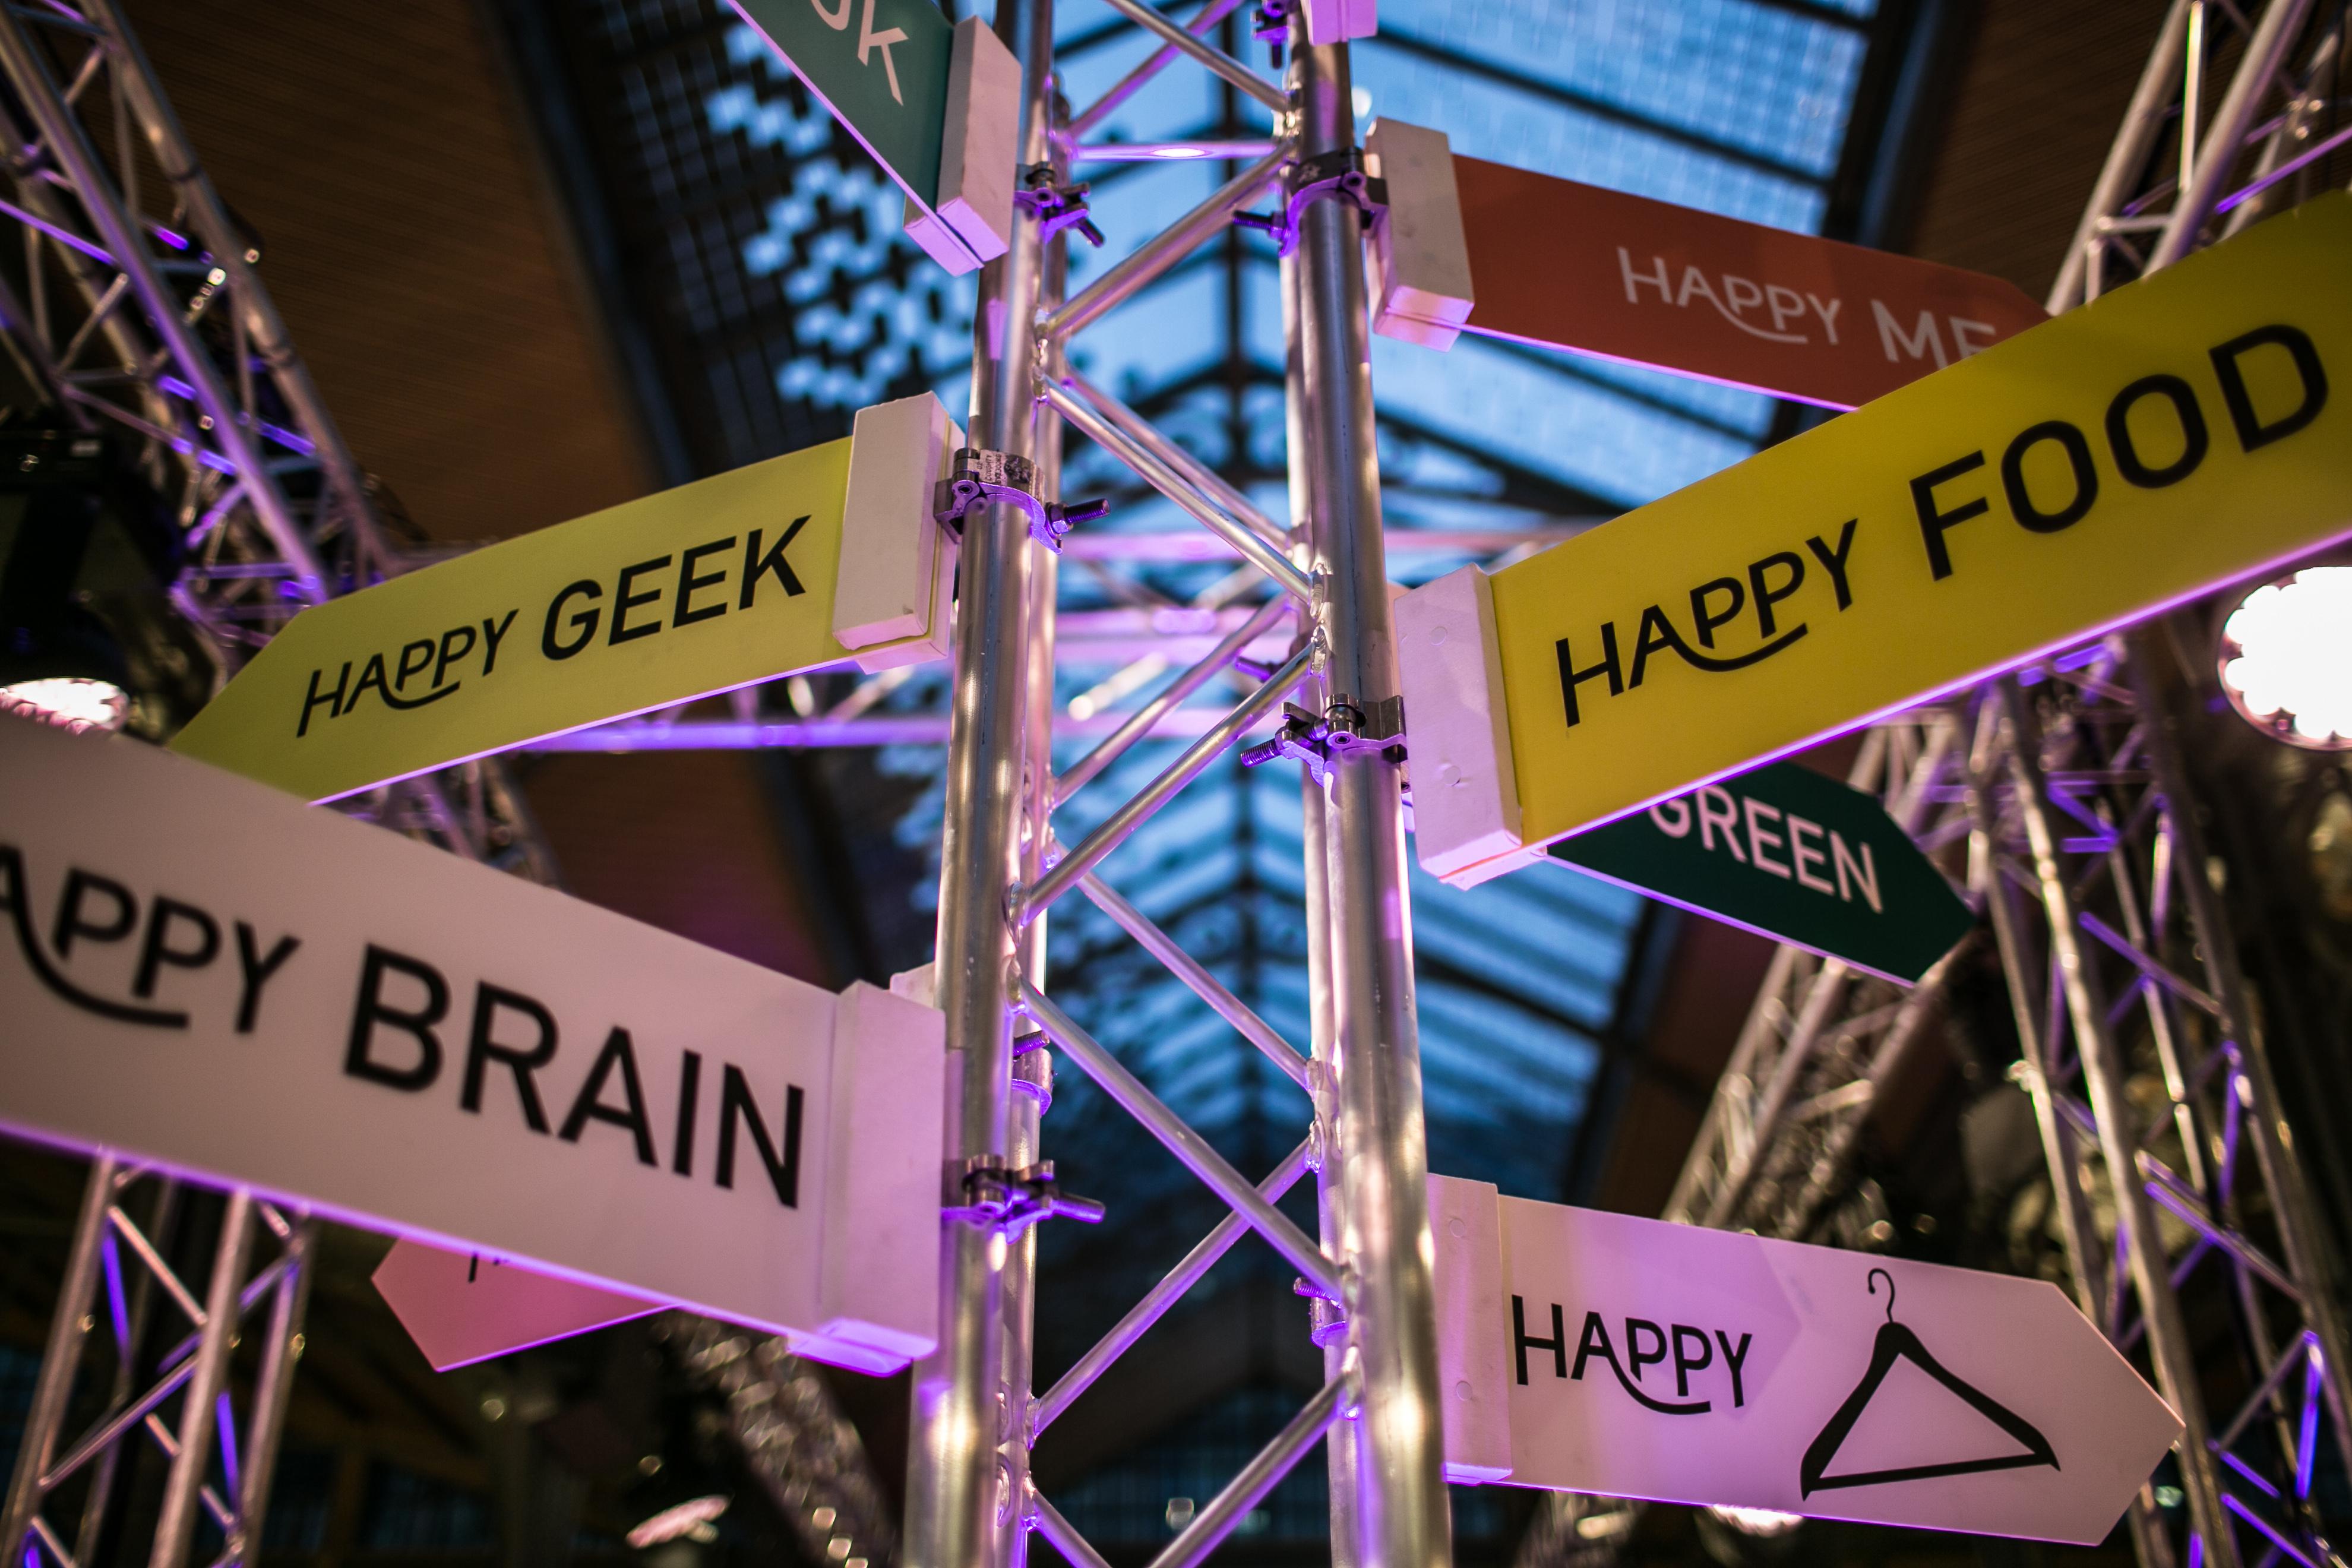 Le Happy Happening revient le 14 et 15 novembre au Carreau du Temple ! Cet événement promeut l'entrepreneuriat féminin et la poursuite de ses rêves !